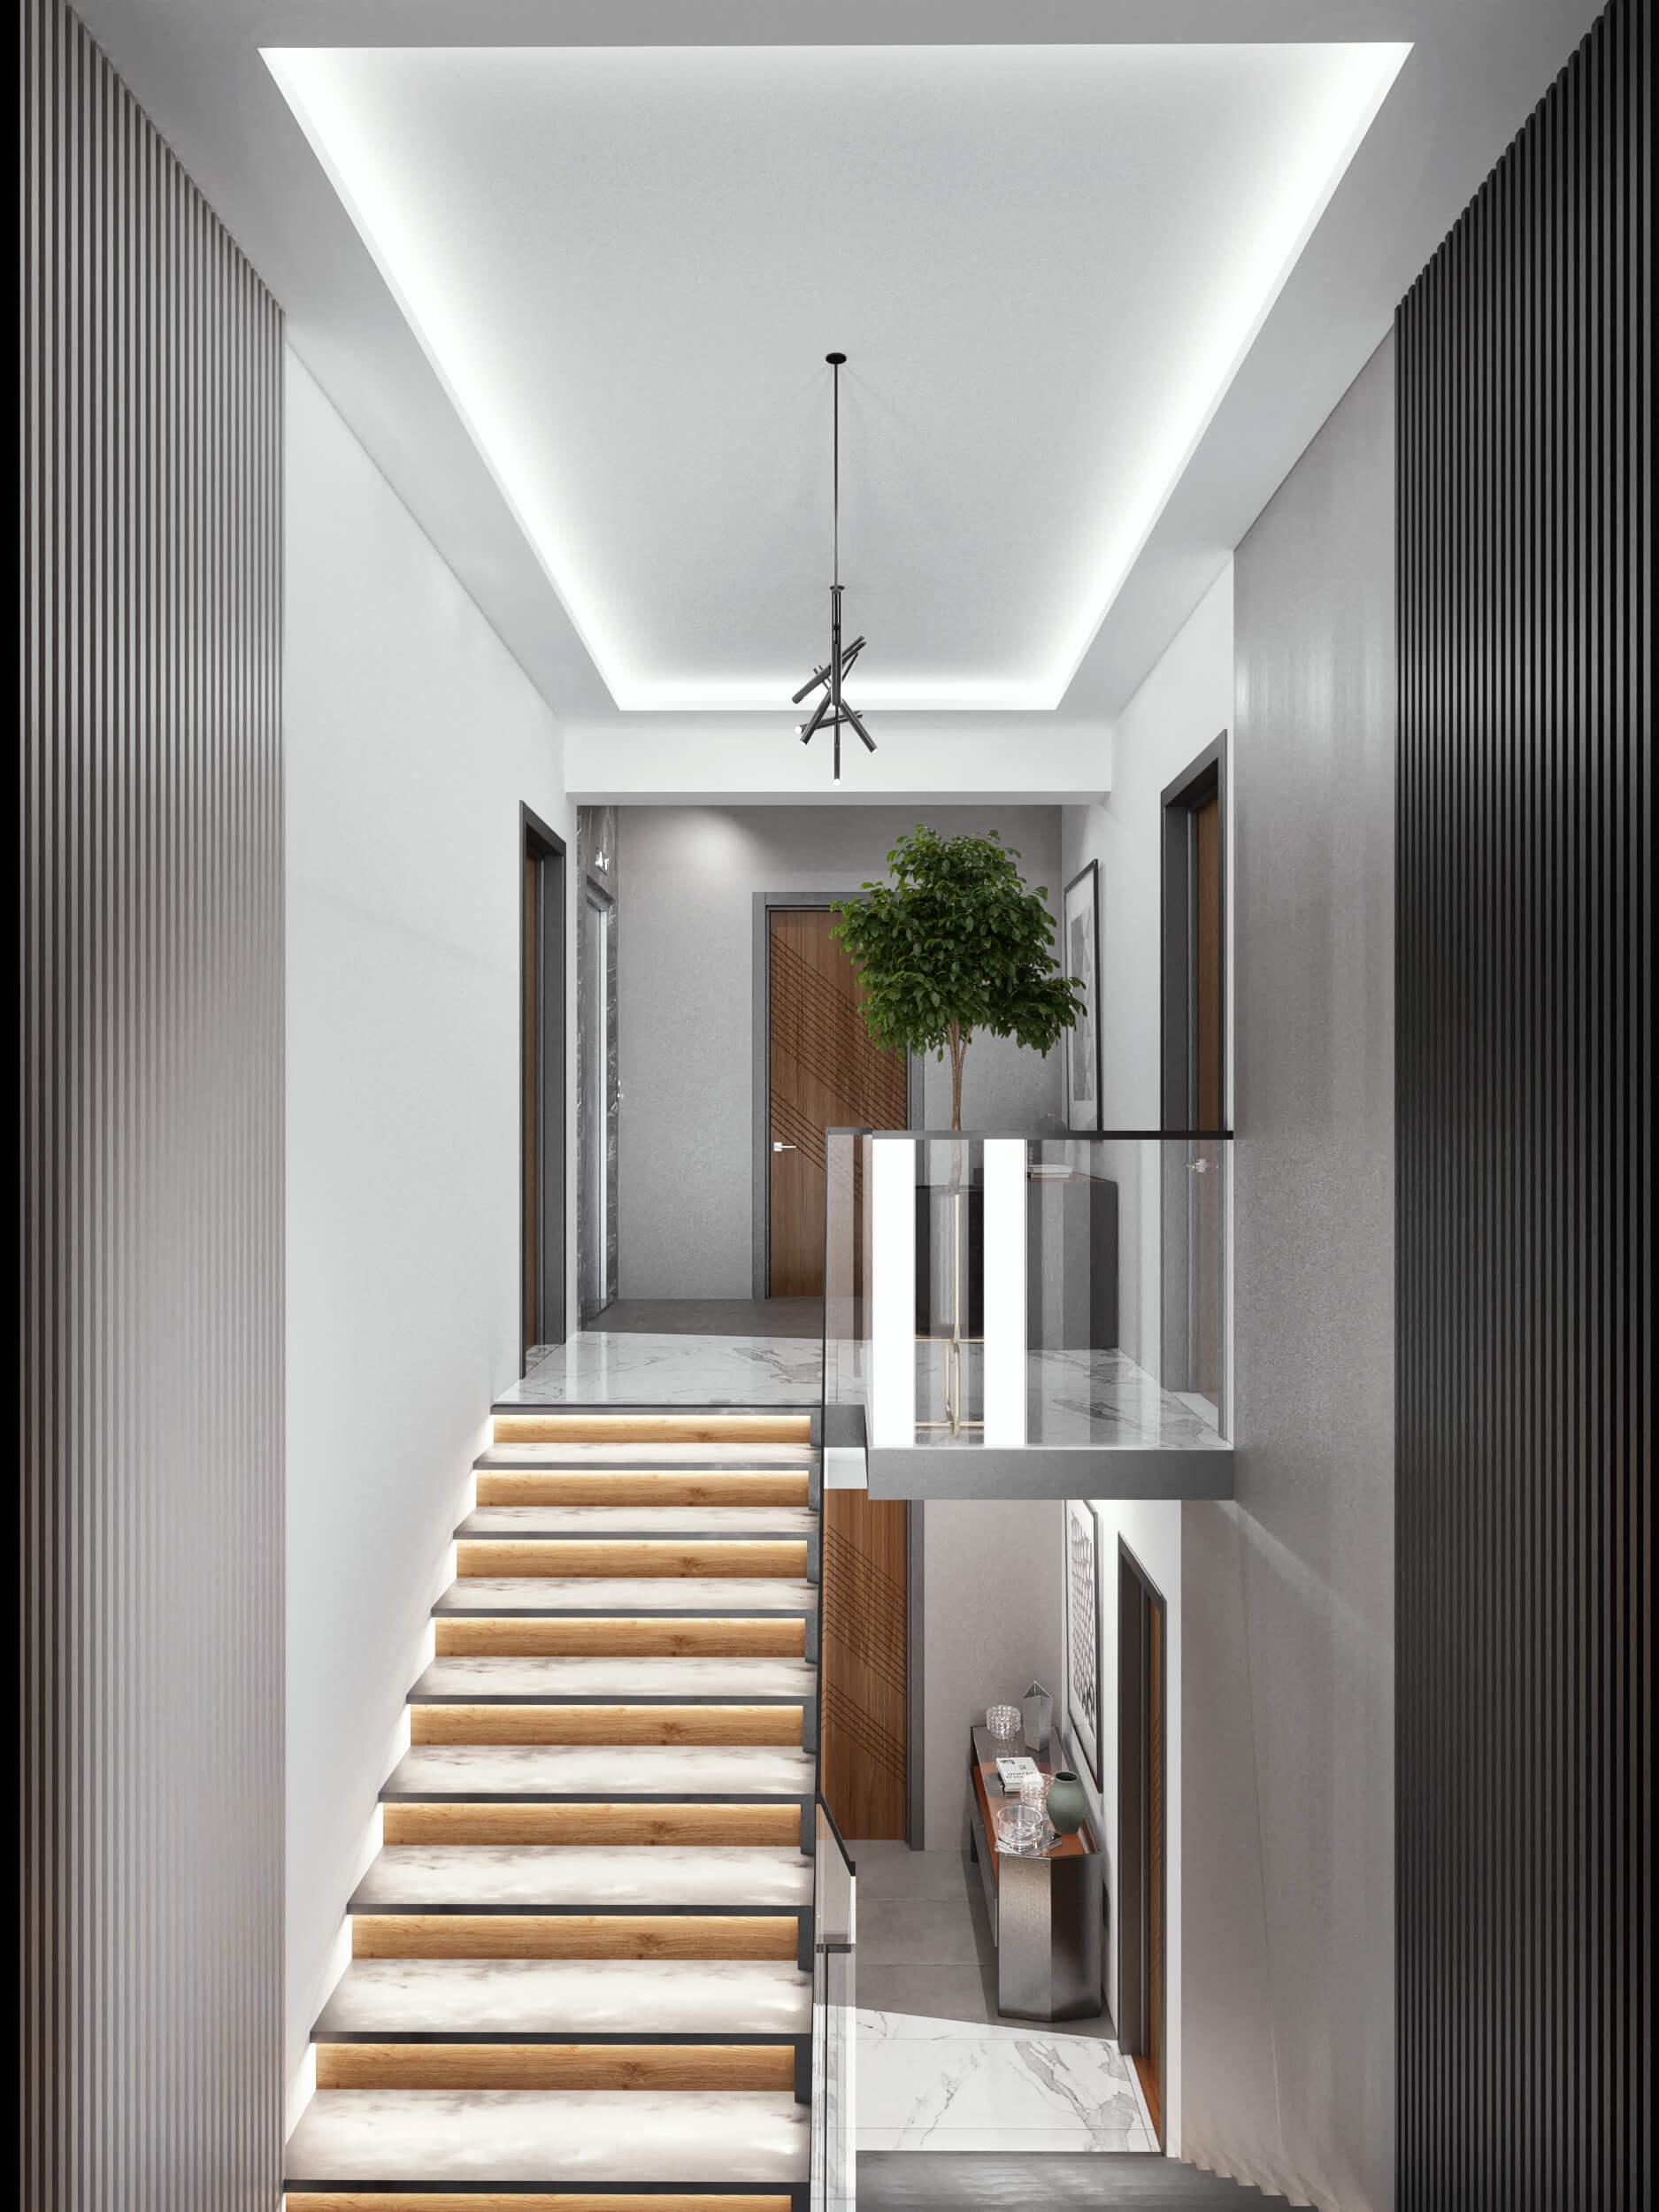 Ereğli 4357 A. Kucukoz House Residential